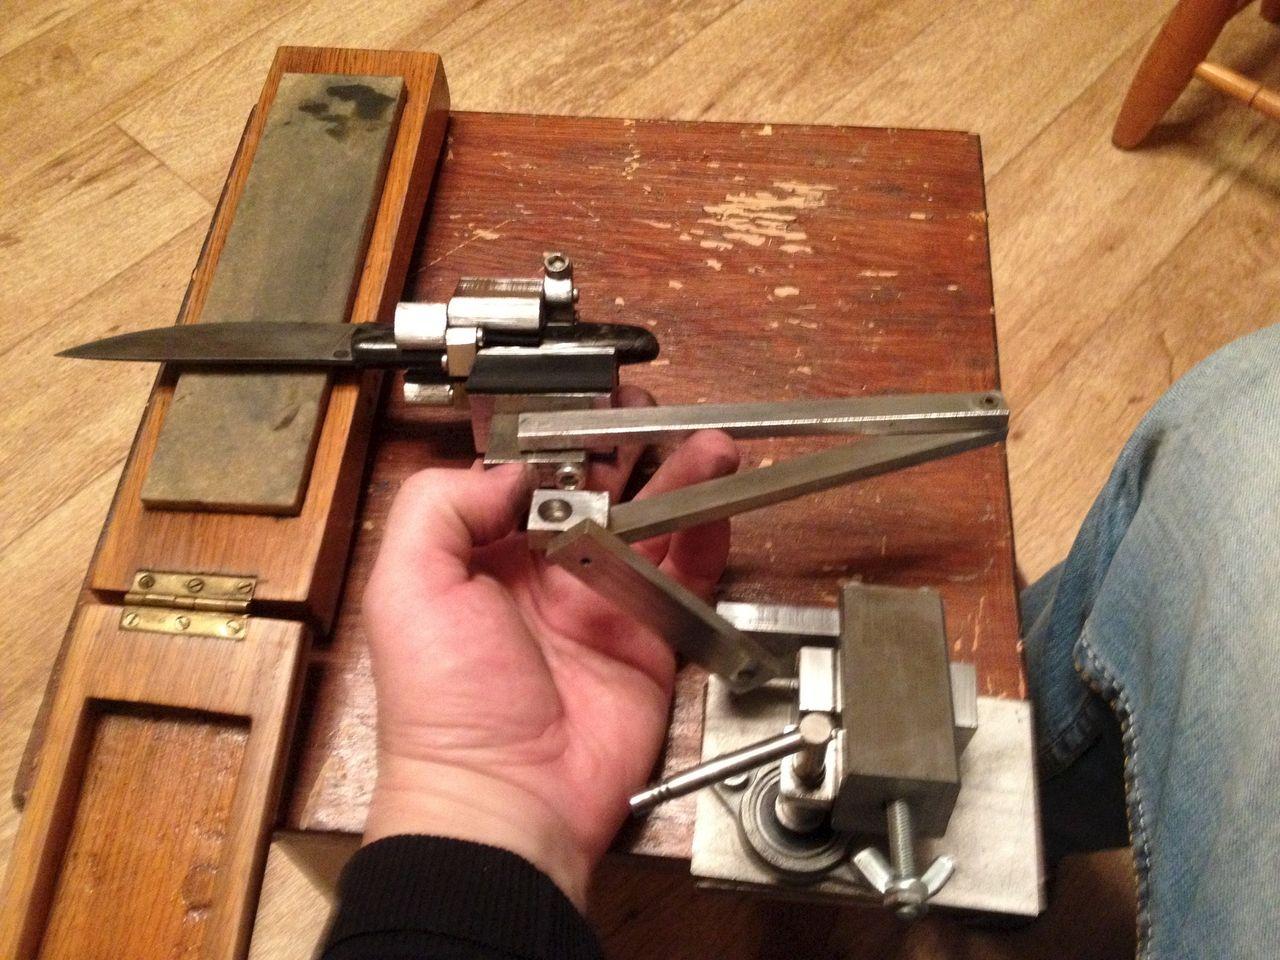 Приспособления для гаража своими руками: самодельные станки, инструменты 41